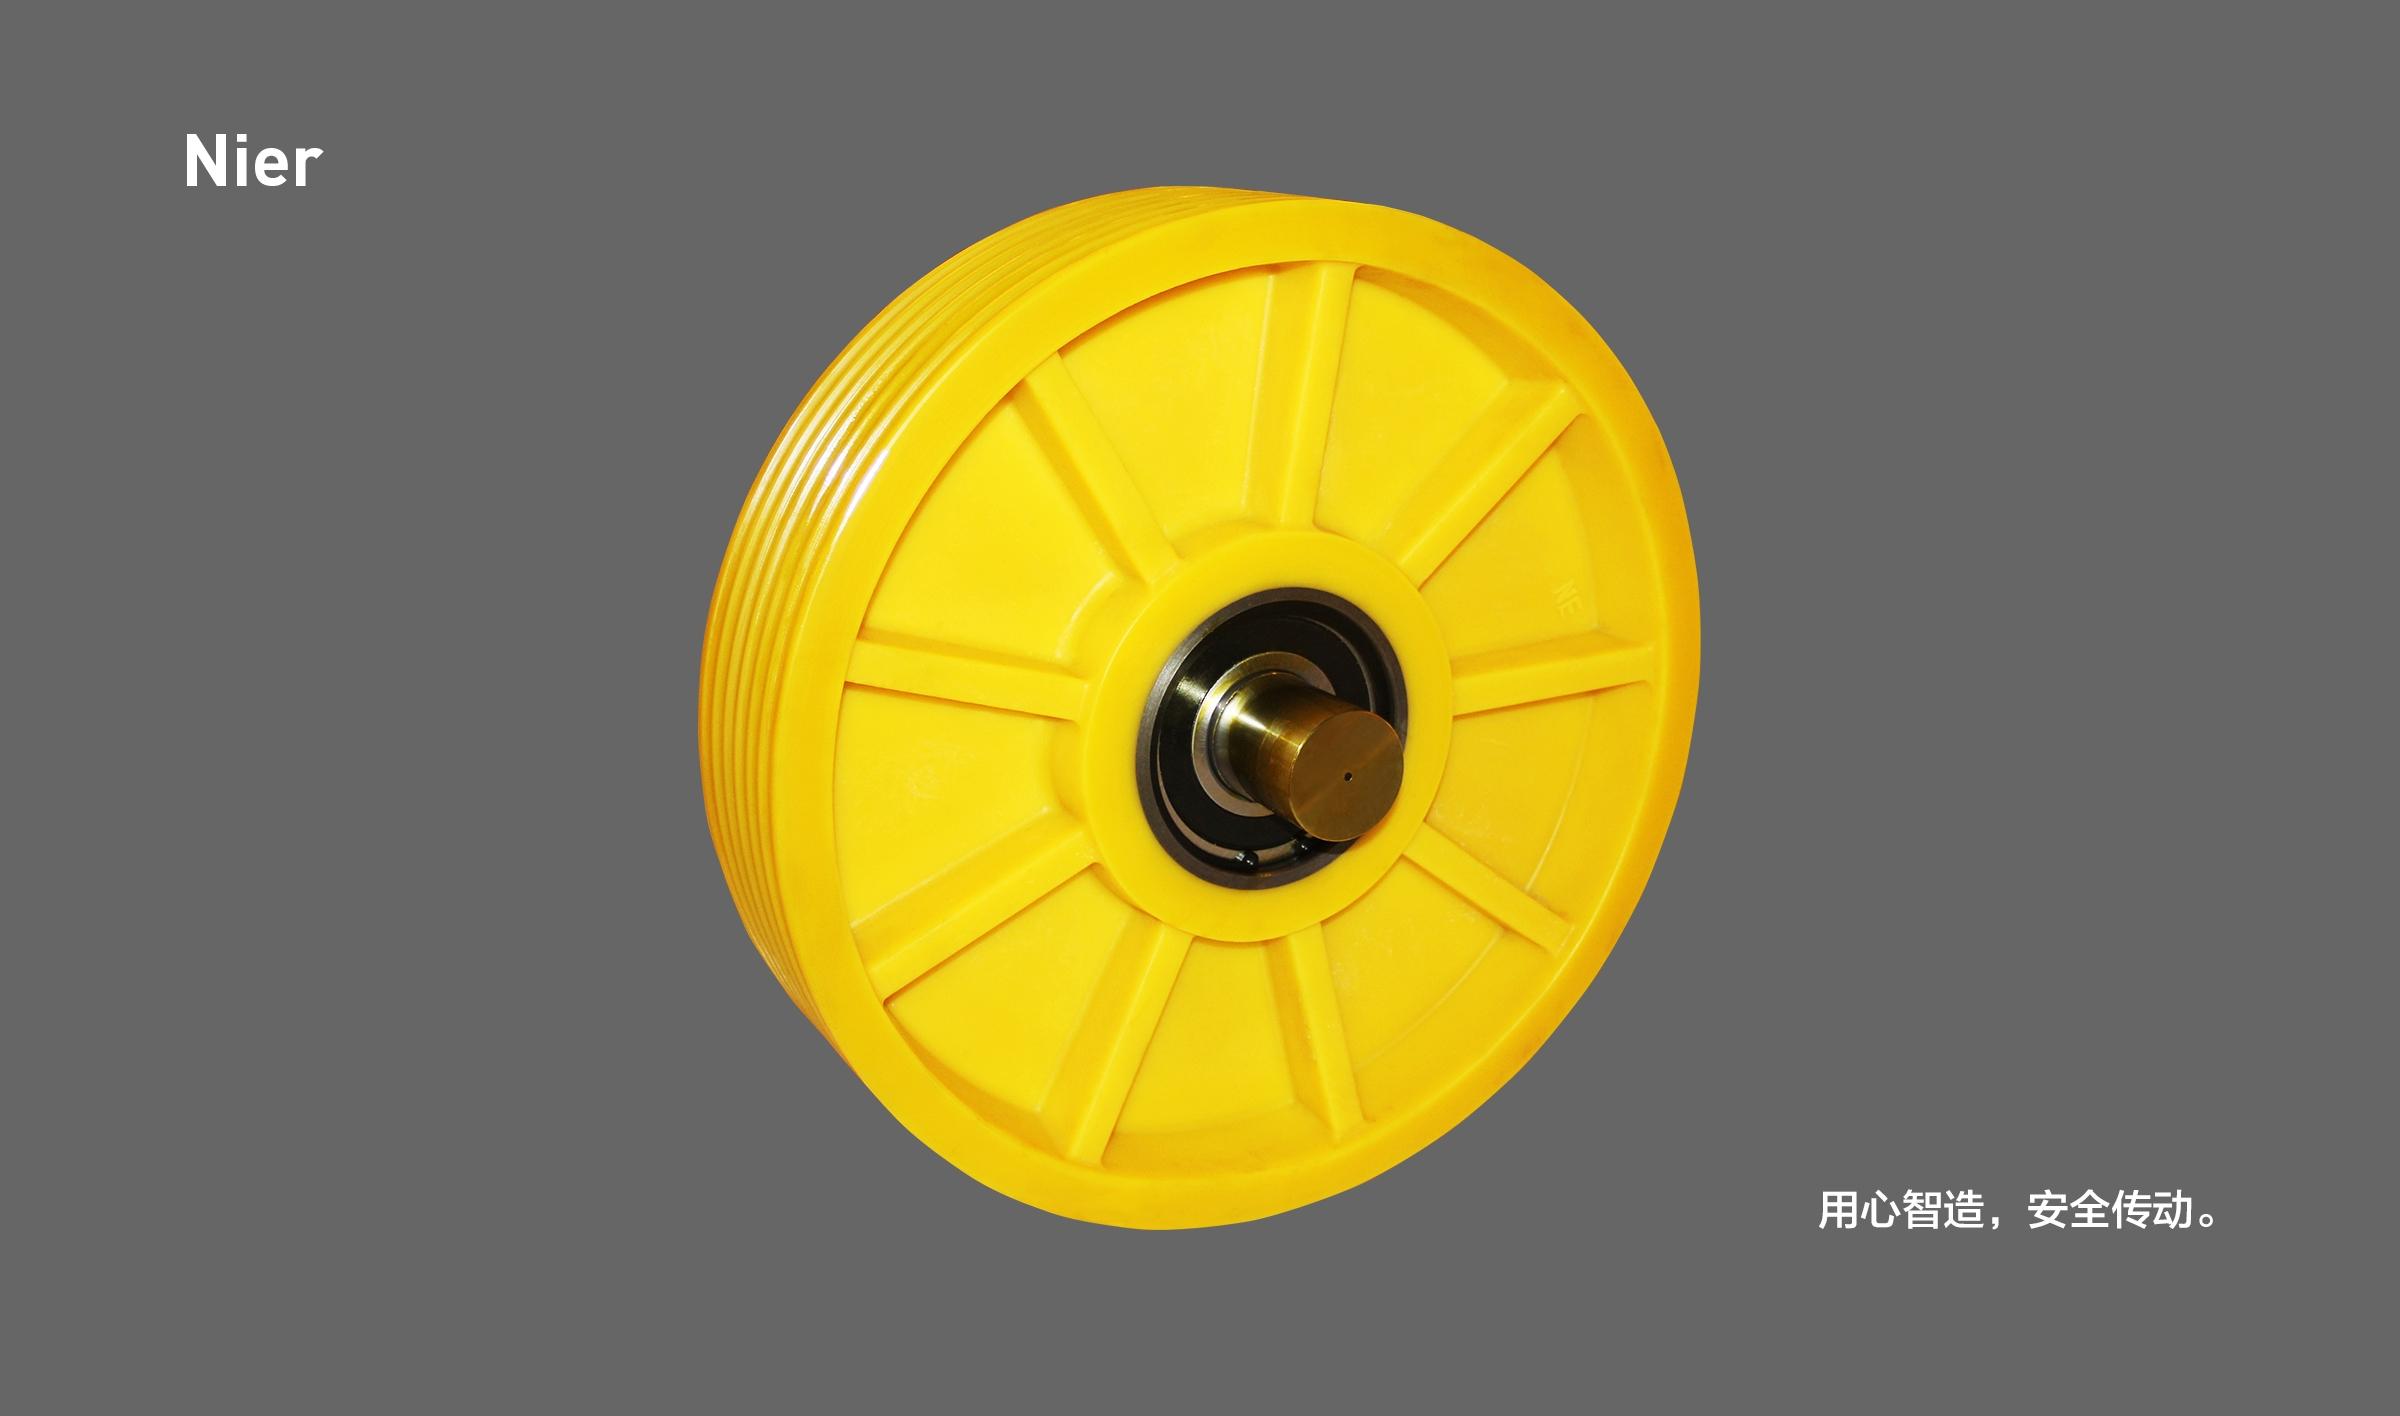 离心聚合一体式金属衬套尼龙轮(九条筋、无减重孔)